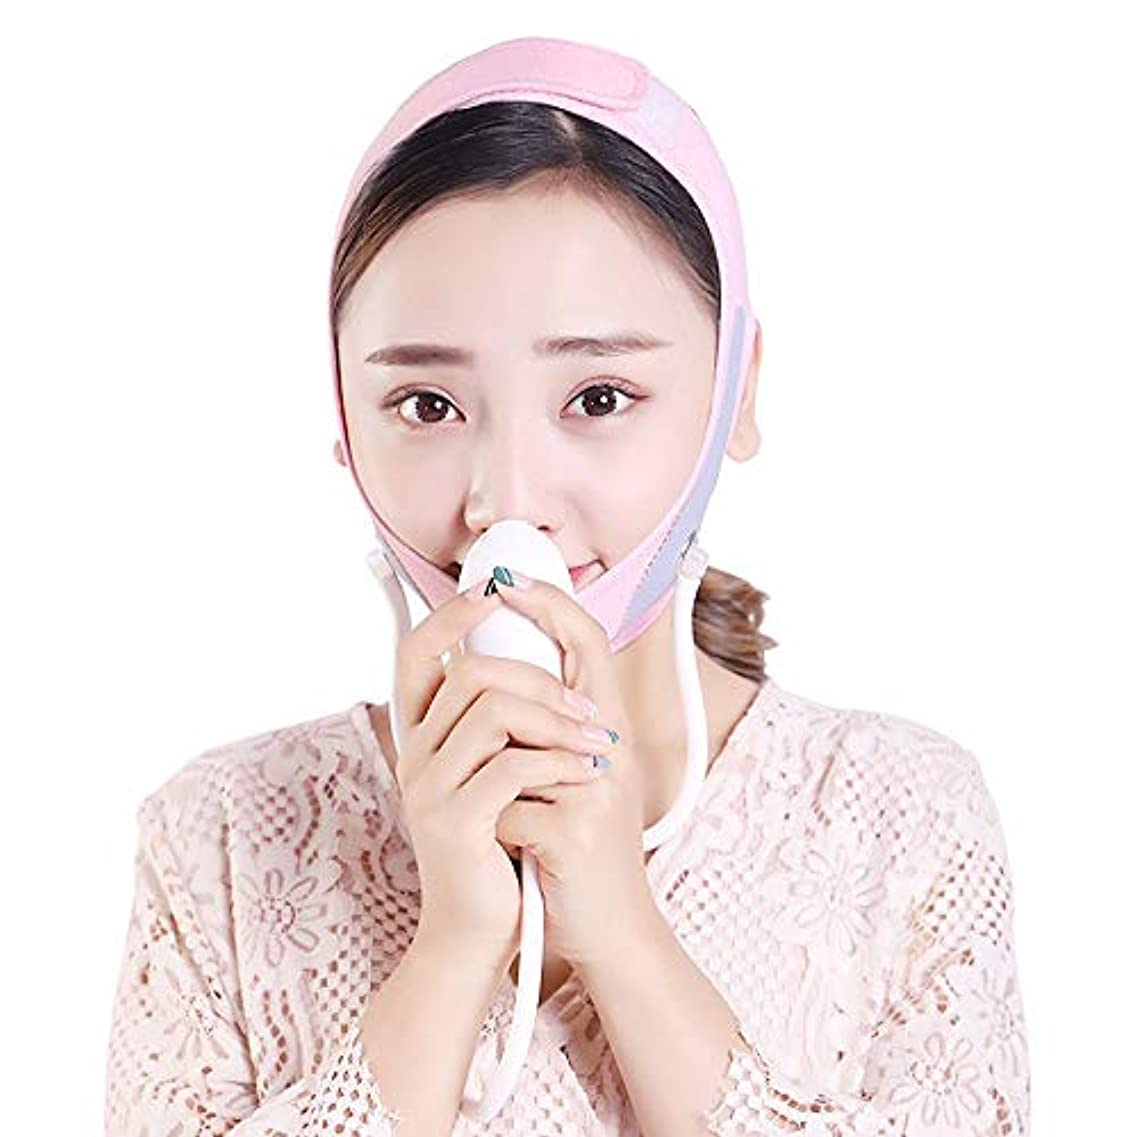 アトミック降雨シャックルJia Jia- インフレータブル調節可能なフェイスリフトアーチファクト包帯をダブルチンリフト引き締めカラスの足one骨のサイズV顔ユニセックス - ピンク 顔面包帯